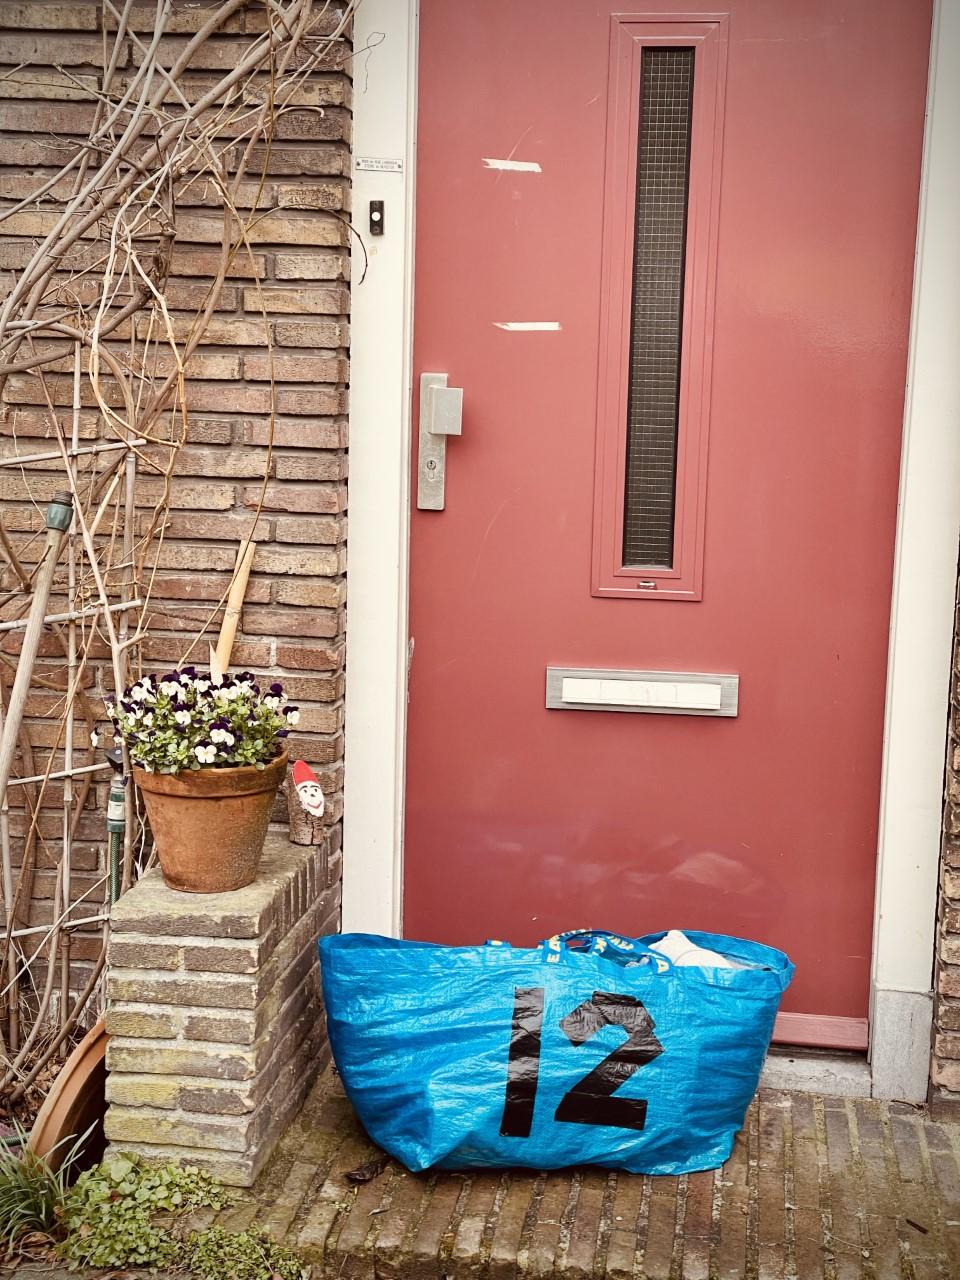 tas met kleding bij voordeur